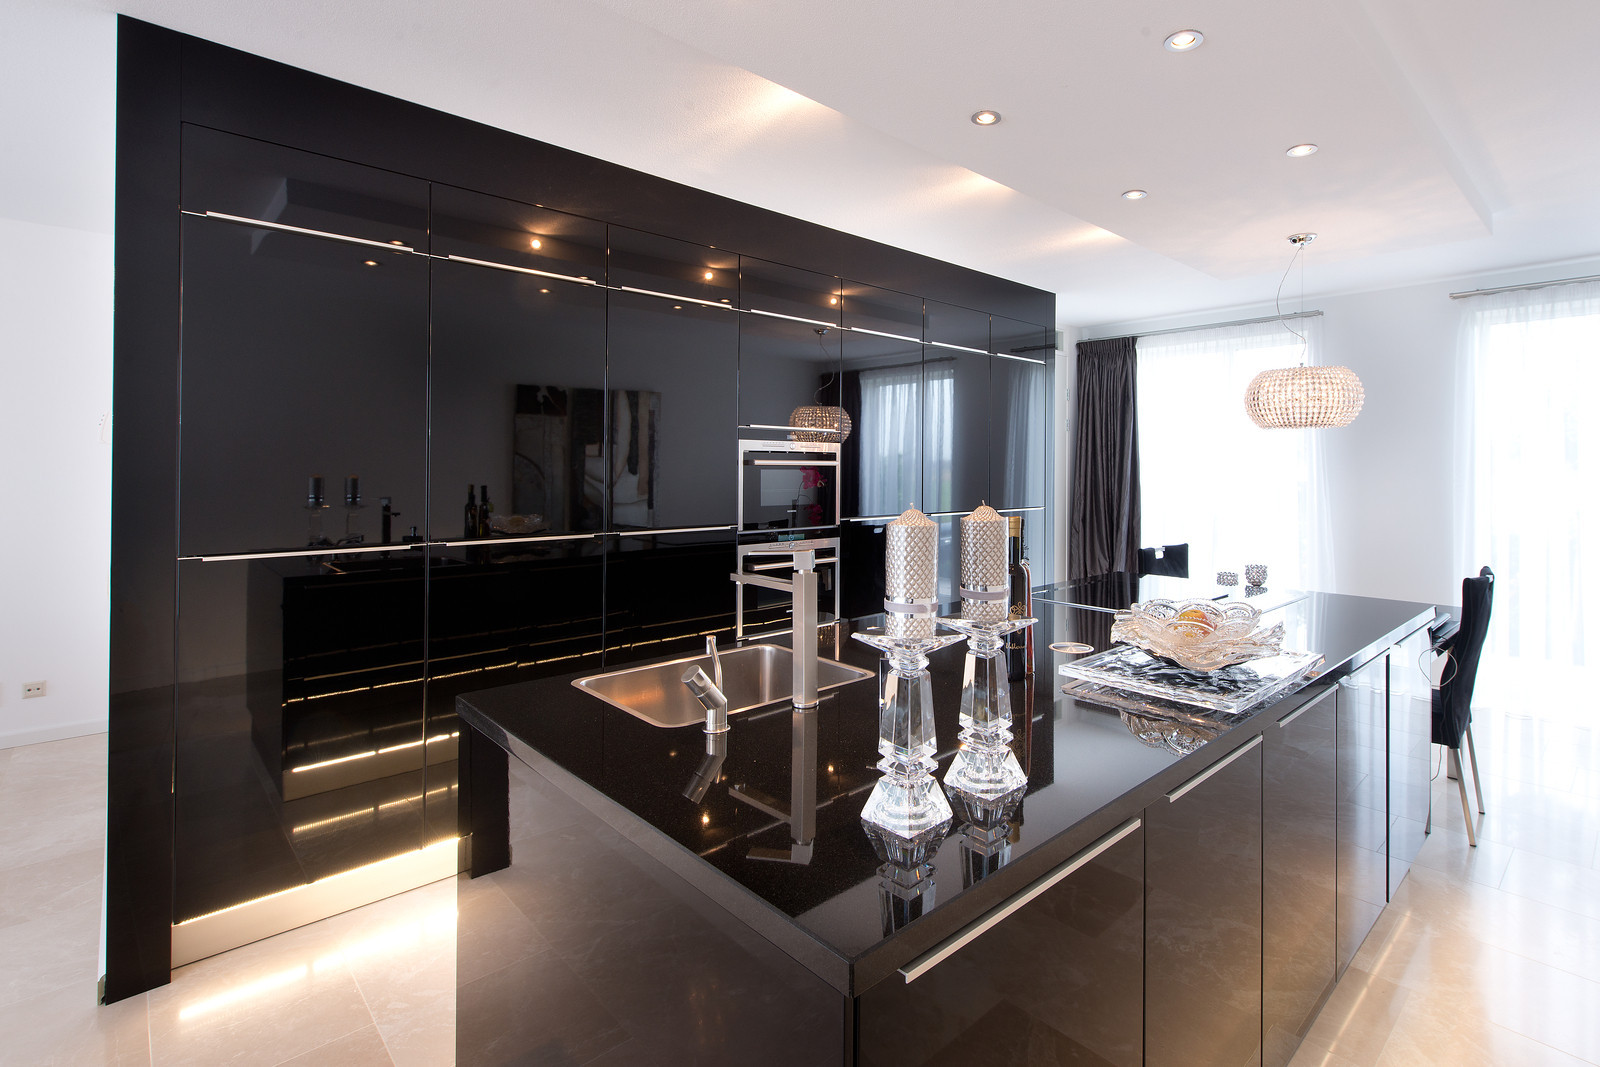 Luxe zwarte keukens bij tieleman keukens product in beeld startpagina voor keuken idee n - Landkeuken chique ...